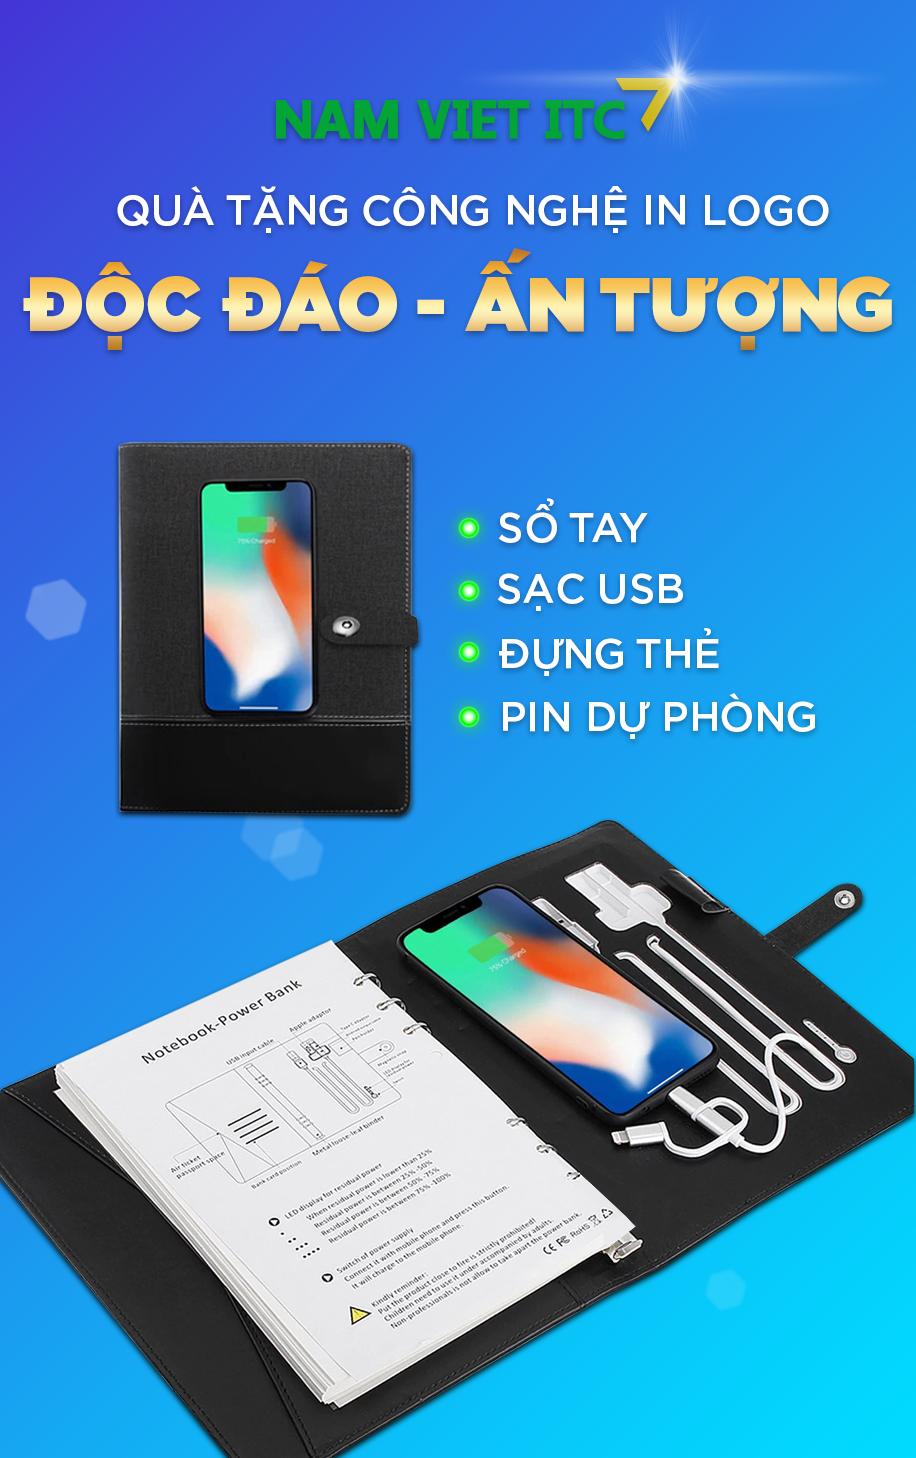 Qua-tang-cong-nghe-nam-viet-final